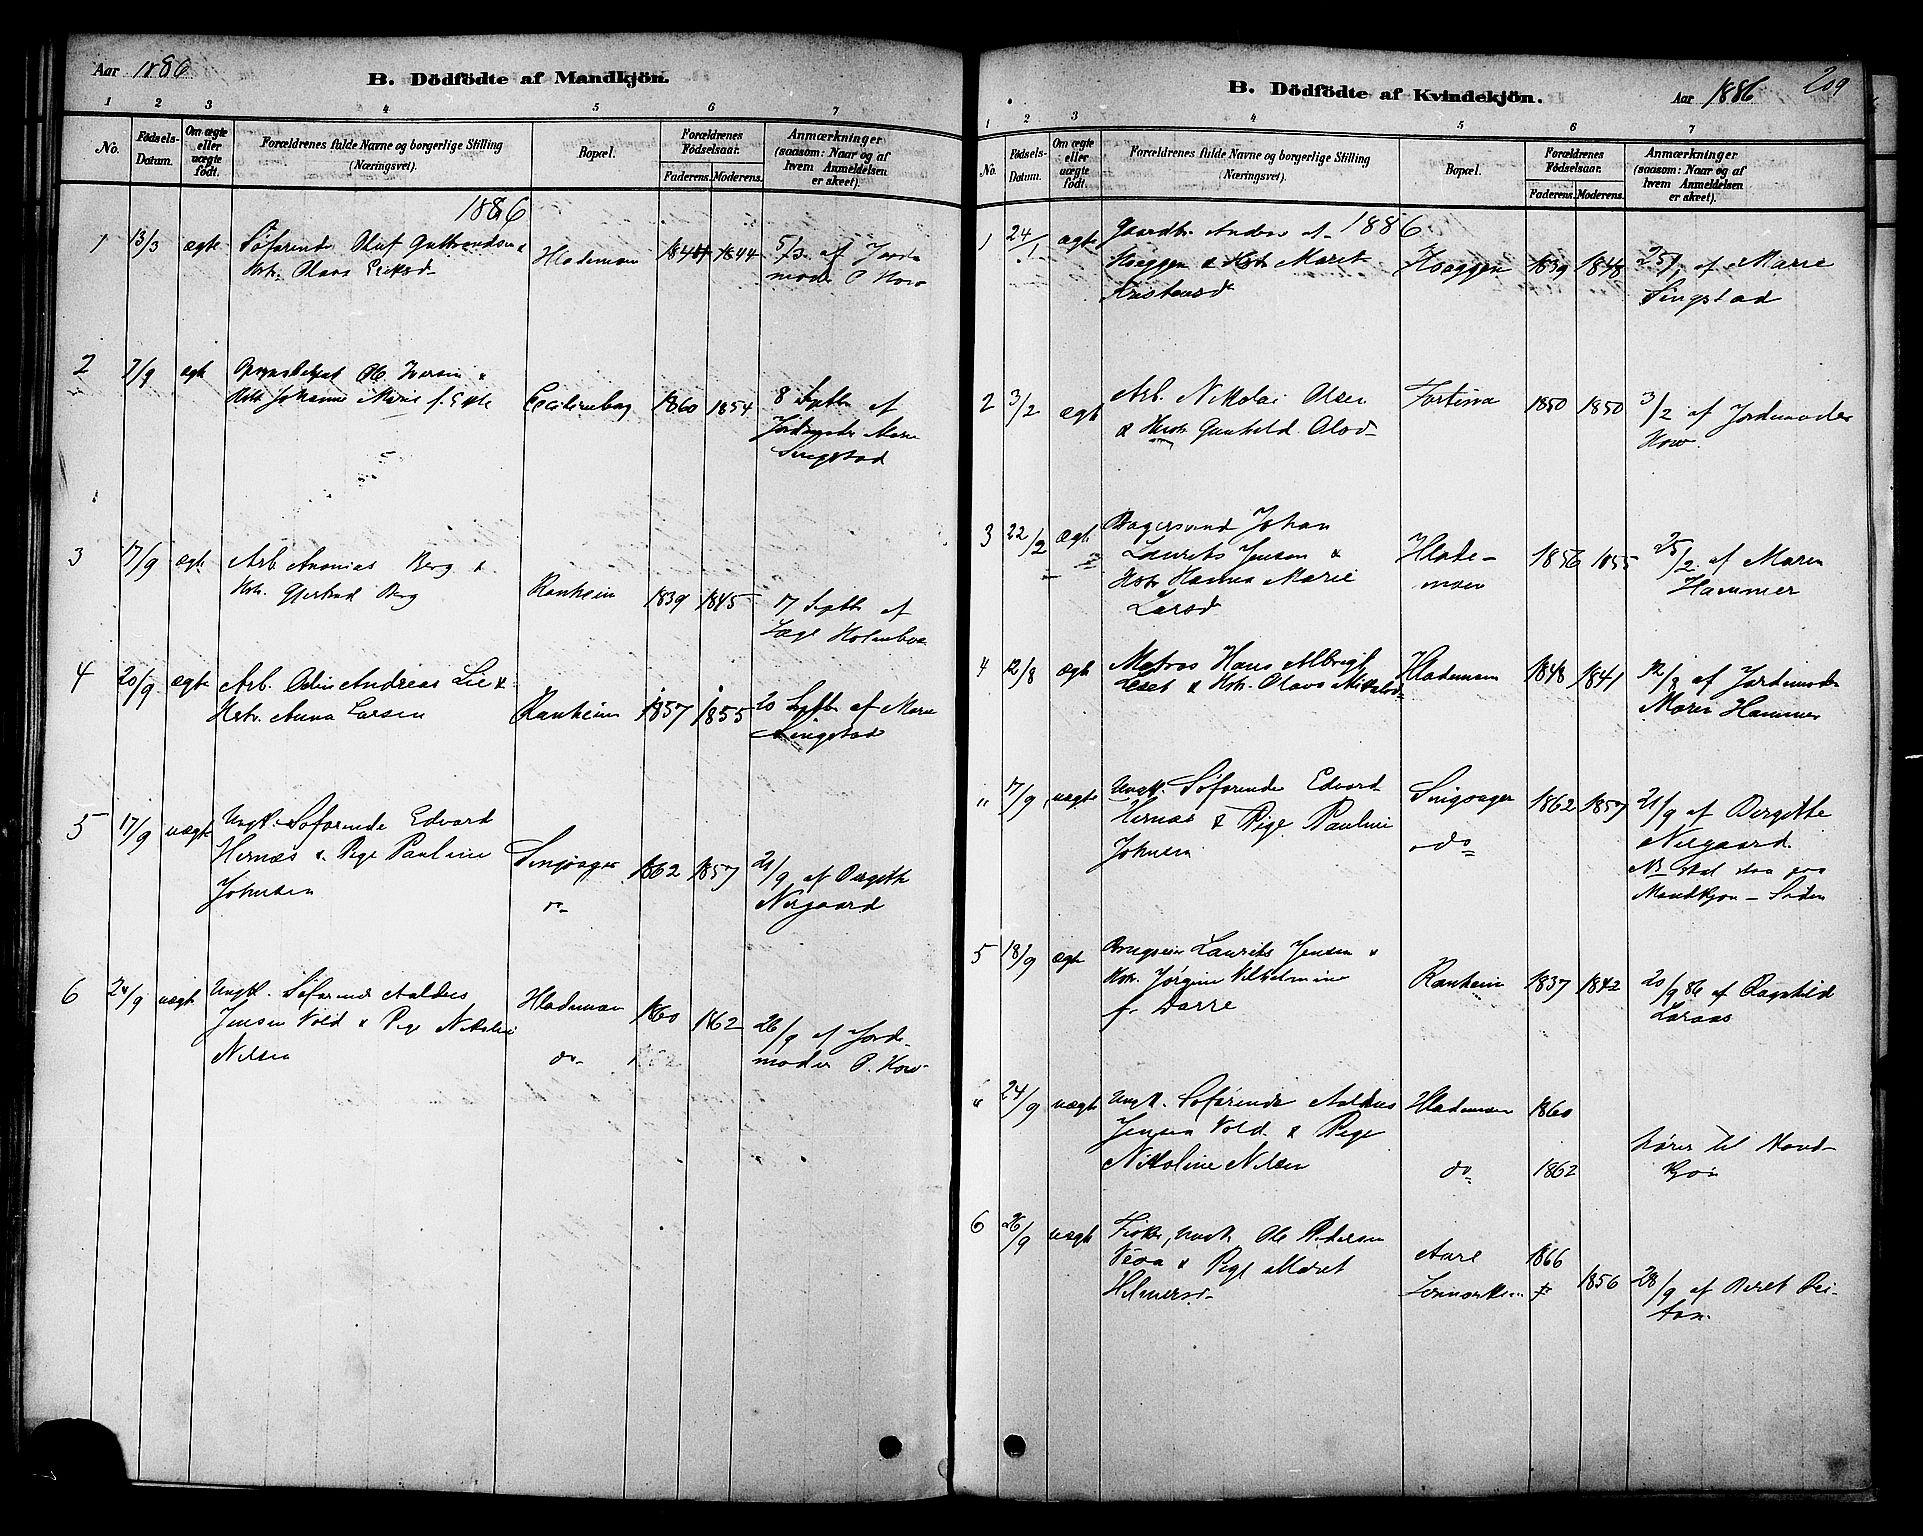 SAT, Ministerialprotokoller, klokkerbøker og fødselsregistre - Sør-Trøndelag, 606/L0294: Ministerialbok nr. 606A09, 1878-1886, s. 209